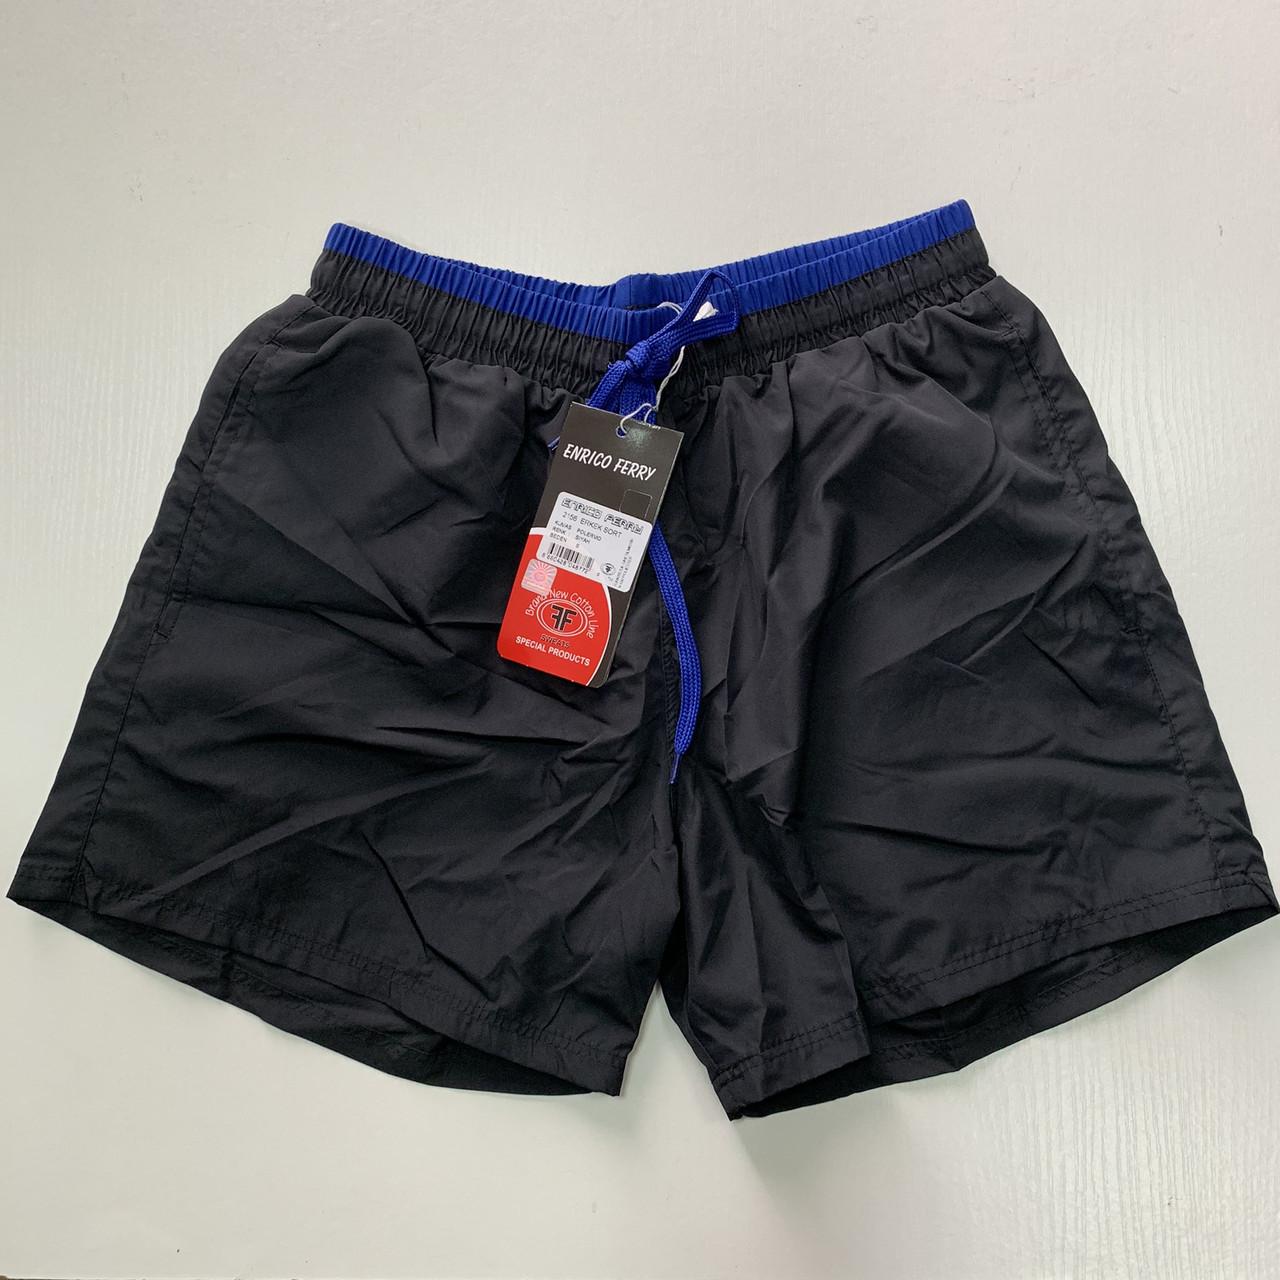 Мужские шорты для пляжа пр-во Турция 2156